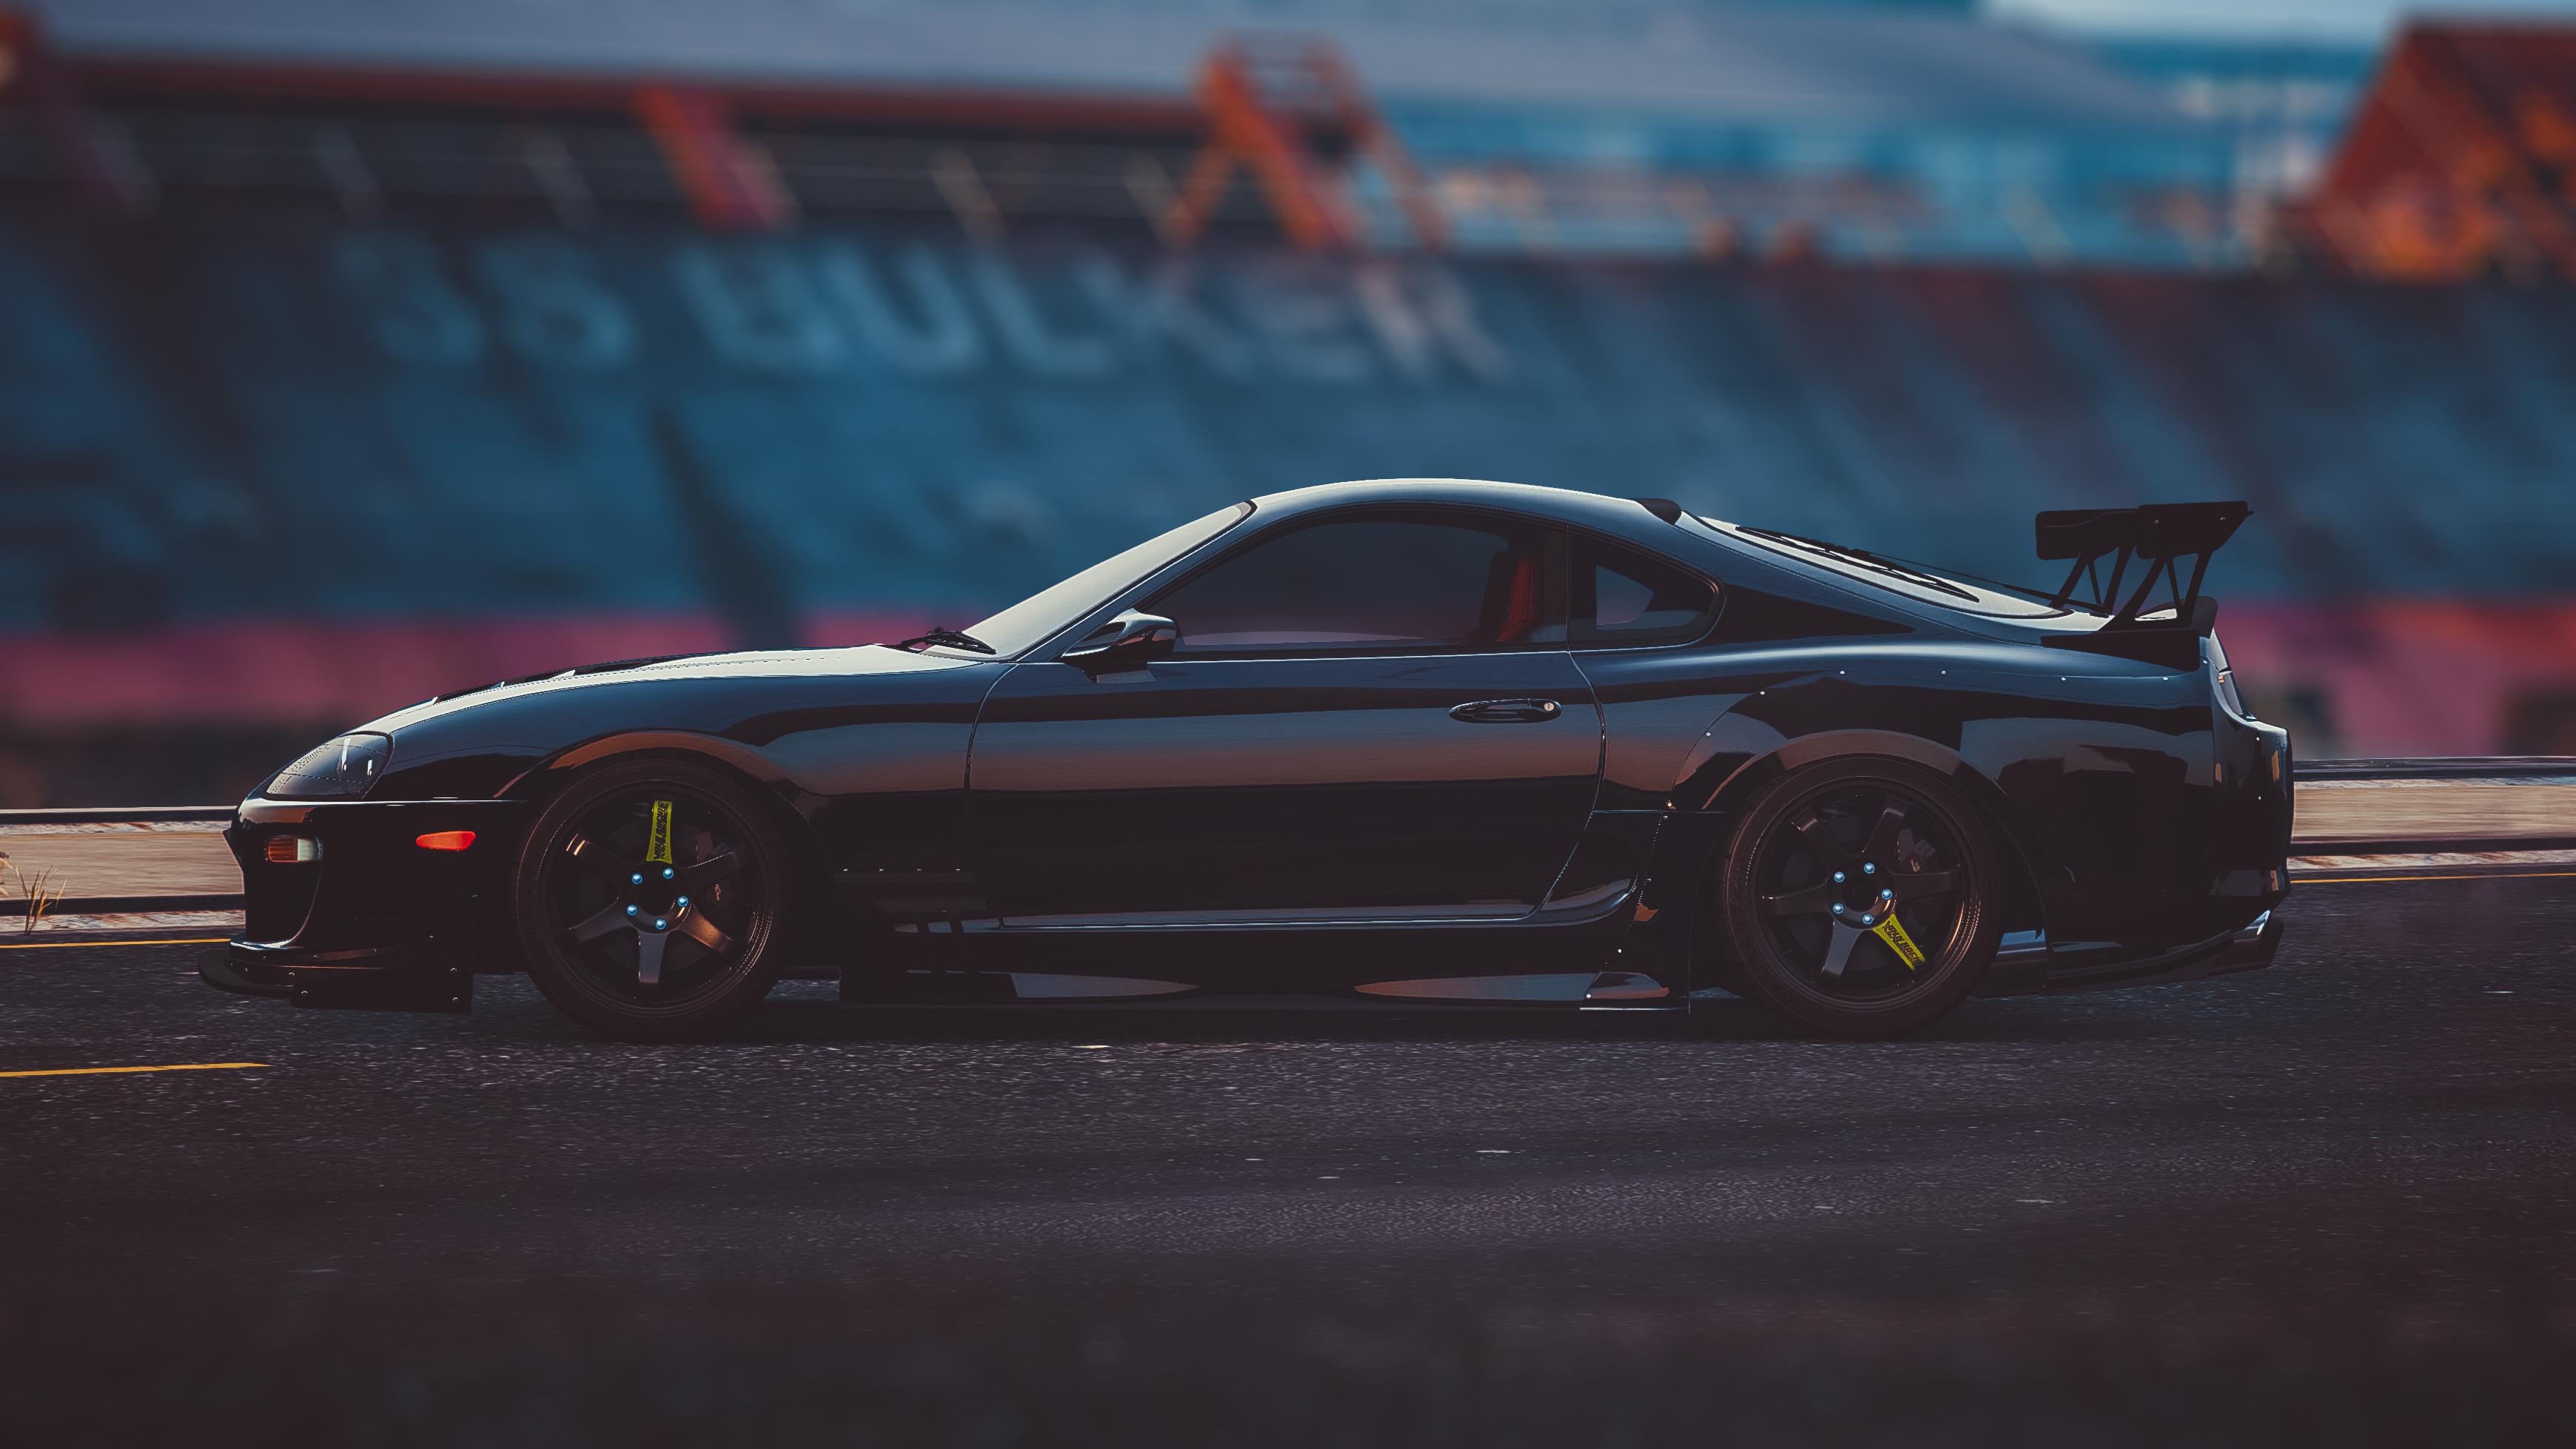 Wallpaper Toyota Supra Jdm 2jz Grand Theft Auto V Car